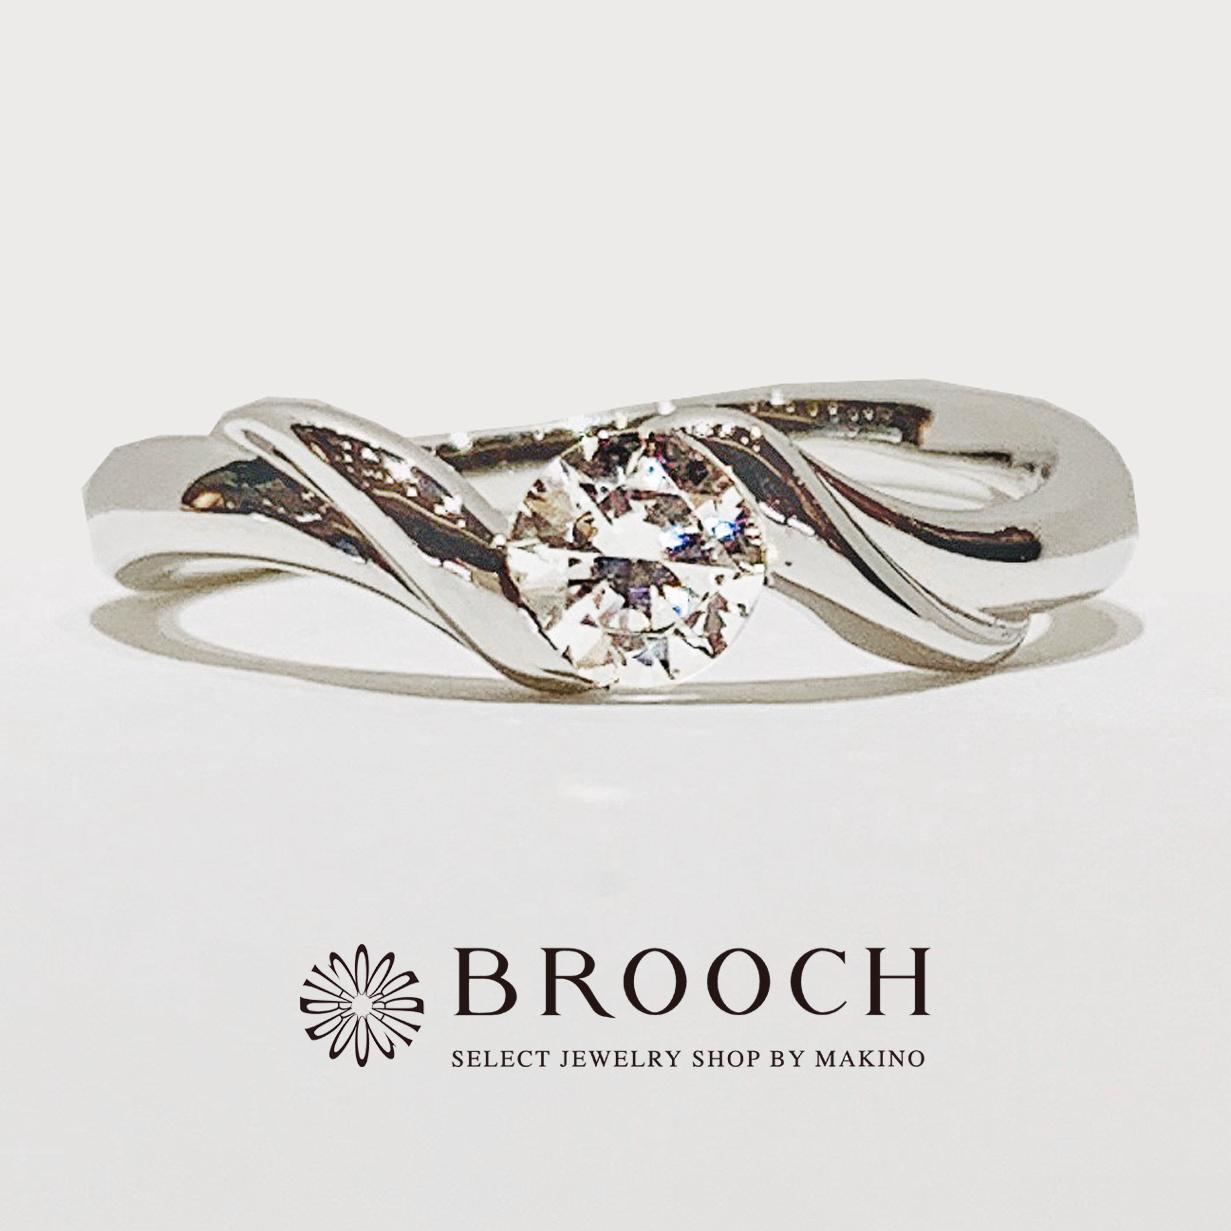 BROOCH 婚約指輪 エンゲージリング かわいい 個性派ウェーブデザイン